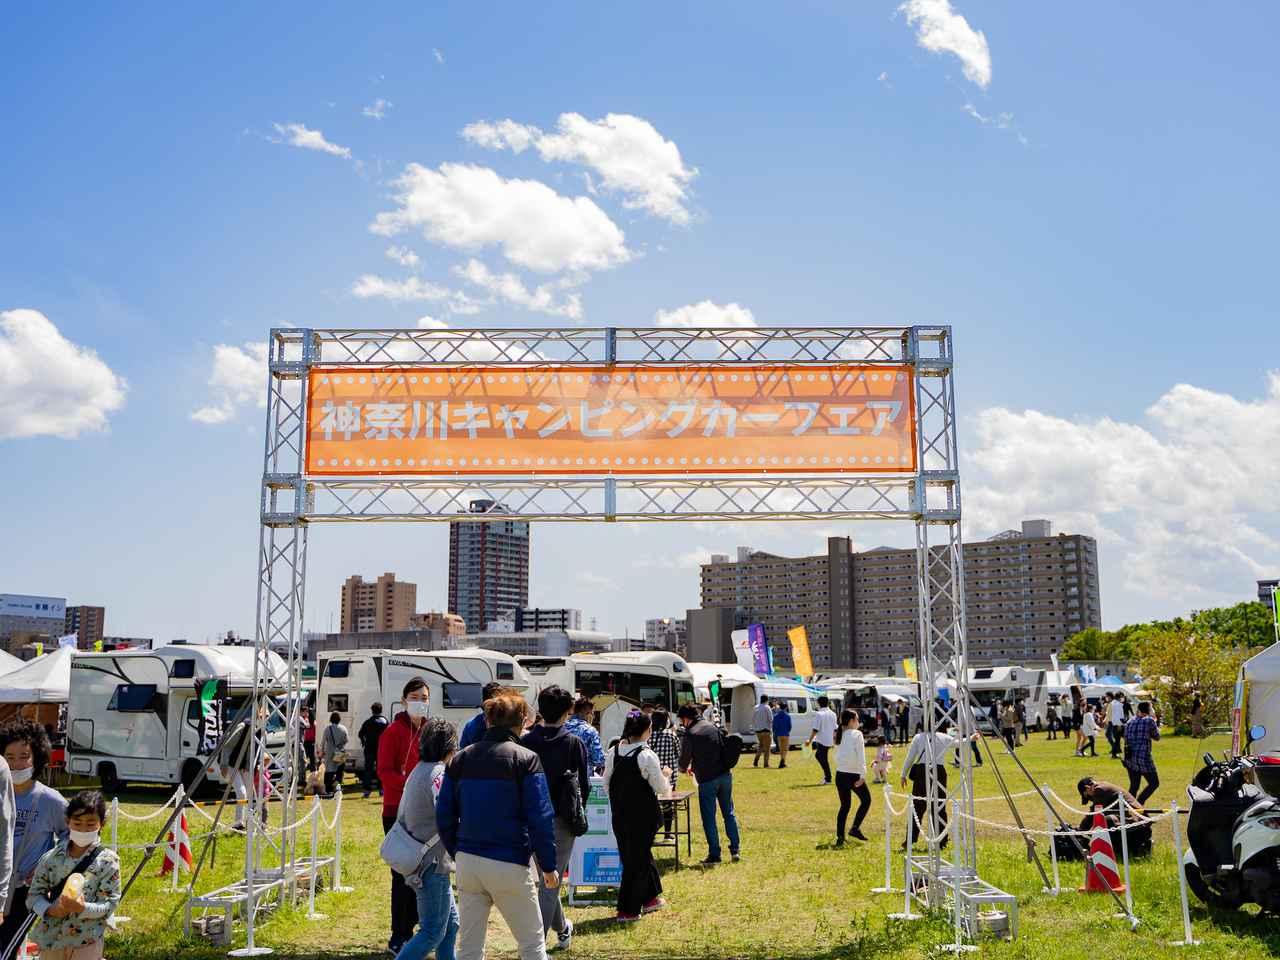 キャンピングカーイベントに行ってみよう!<2021神奈川キャンピングカーフェアを体験>